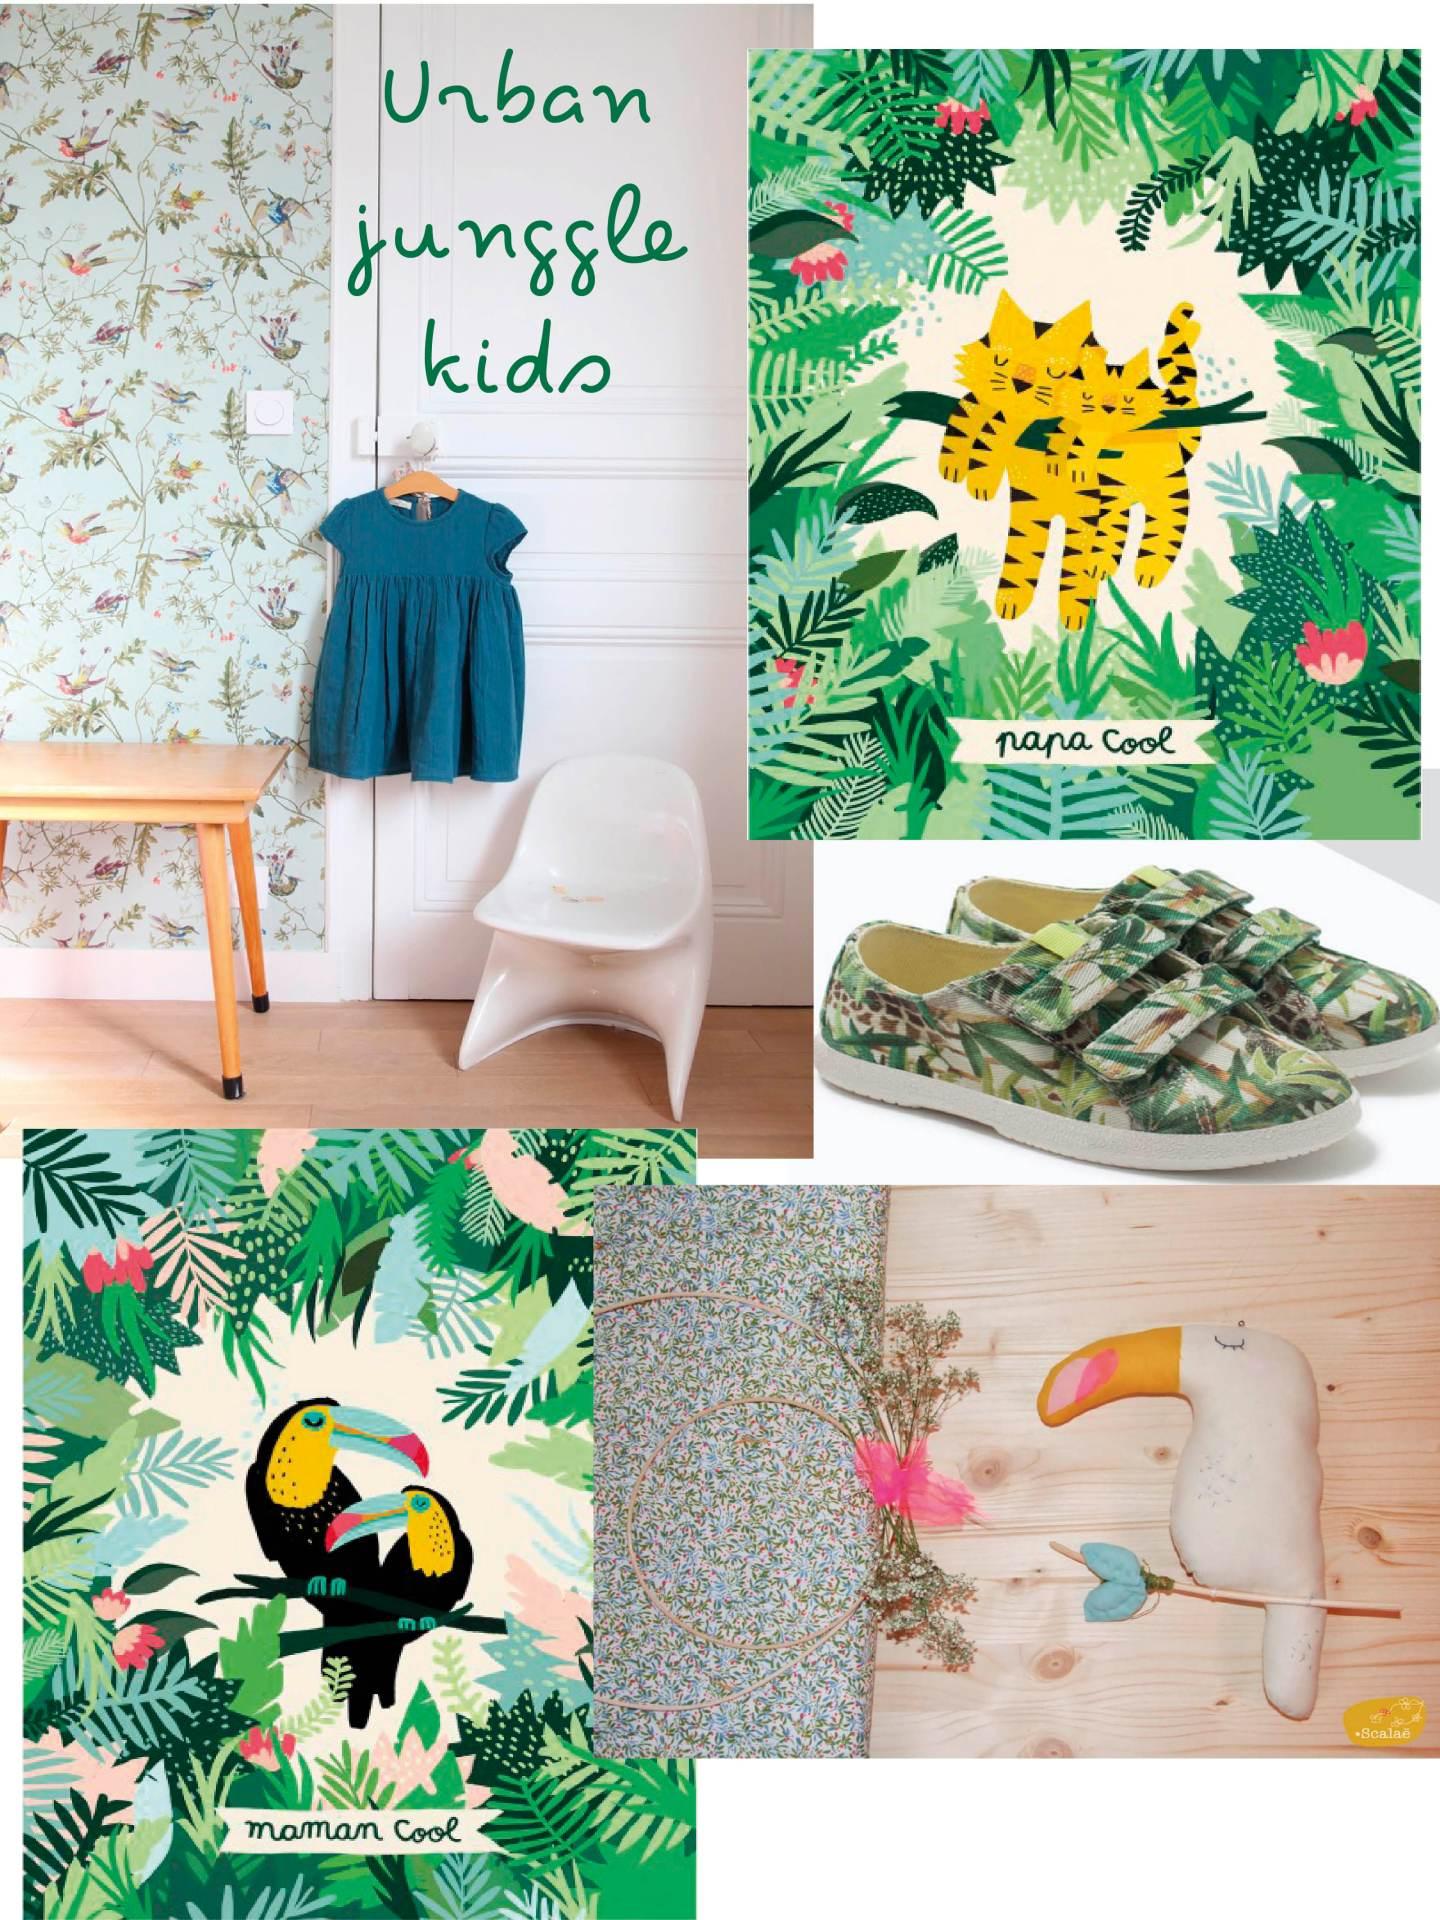 Wishlist déco et mode pour kids //Summer inspiration